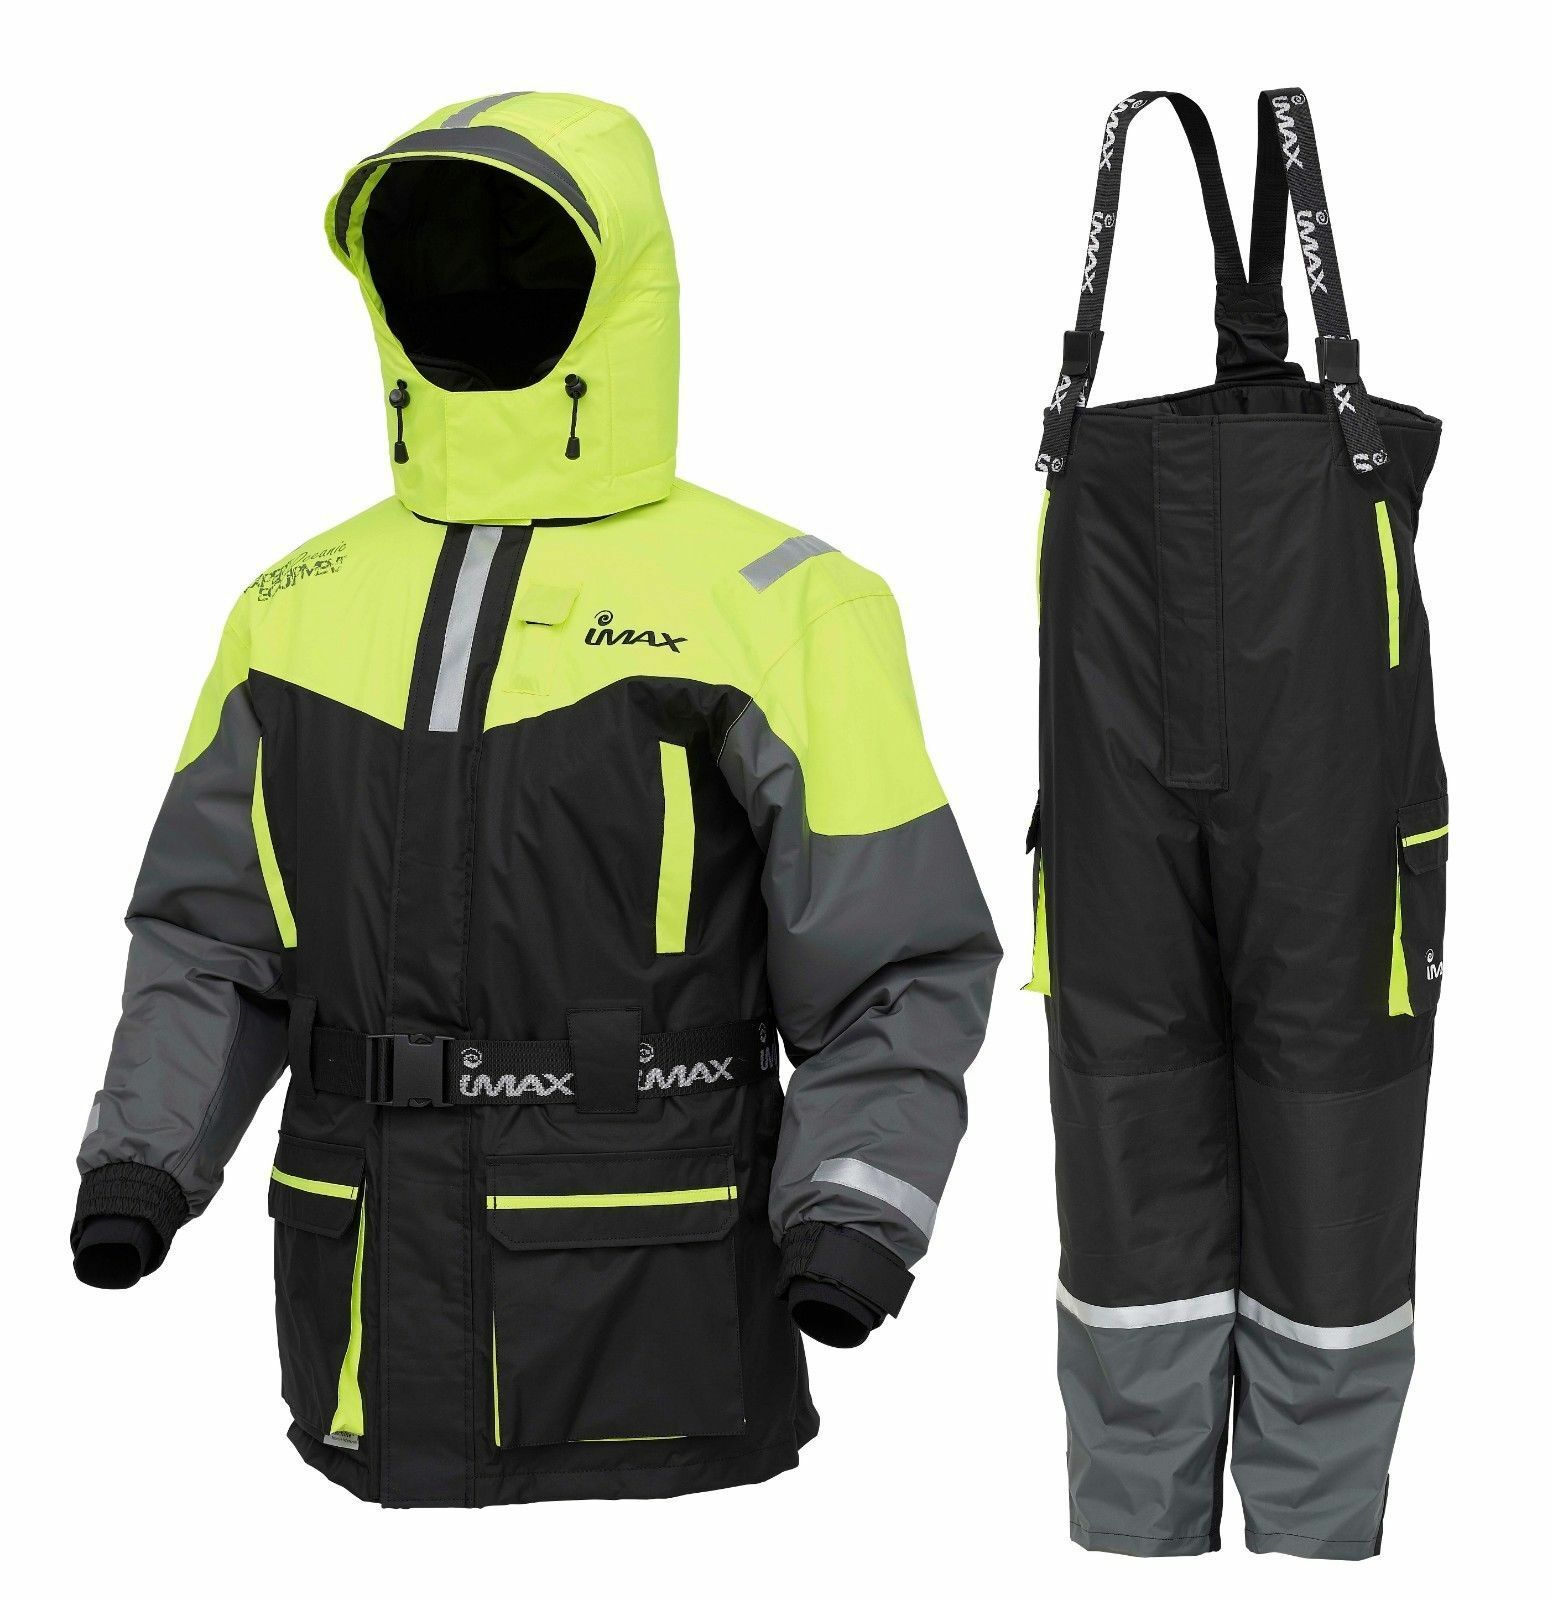 IMAX NIEUW SEAWAVE Floatation Fishing Suit 2PC --Jasje Bib &m Brace --ALLE afmetingS